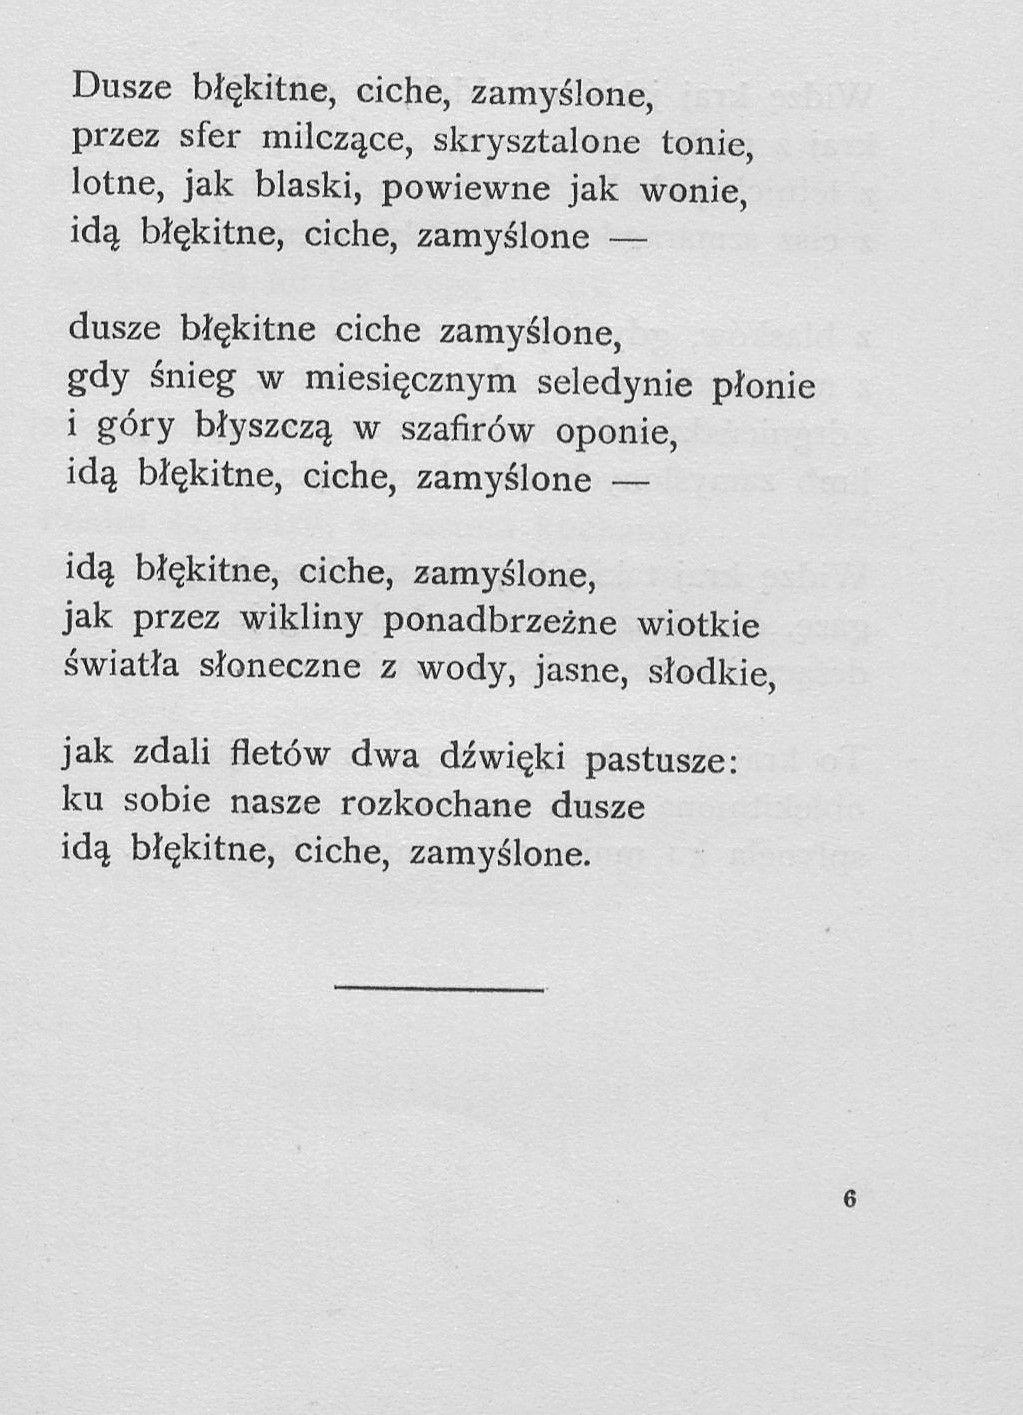 Kazimierz Przerwa Tetmajer Poezja Polska Poetry Poems